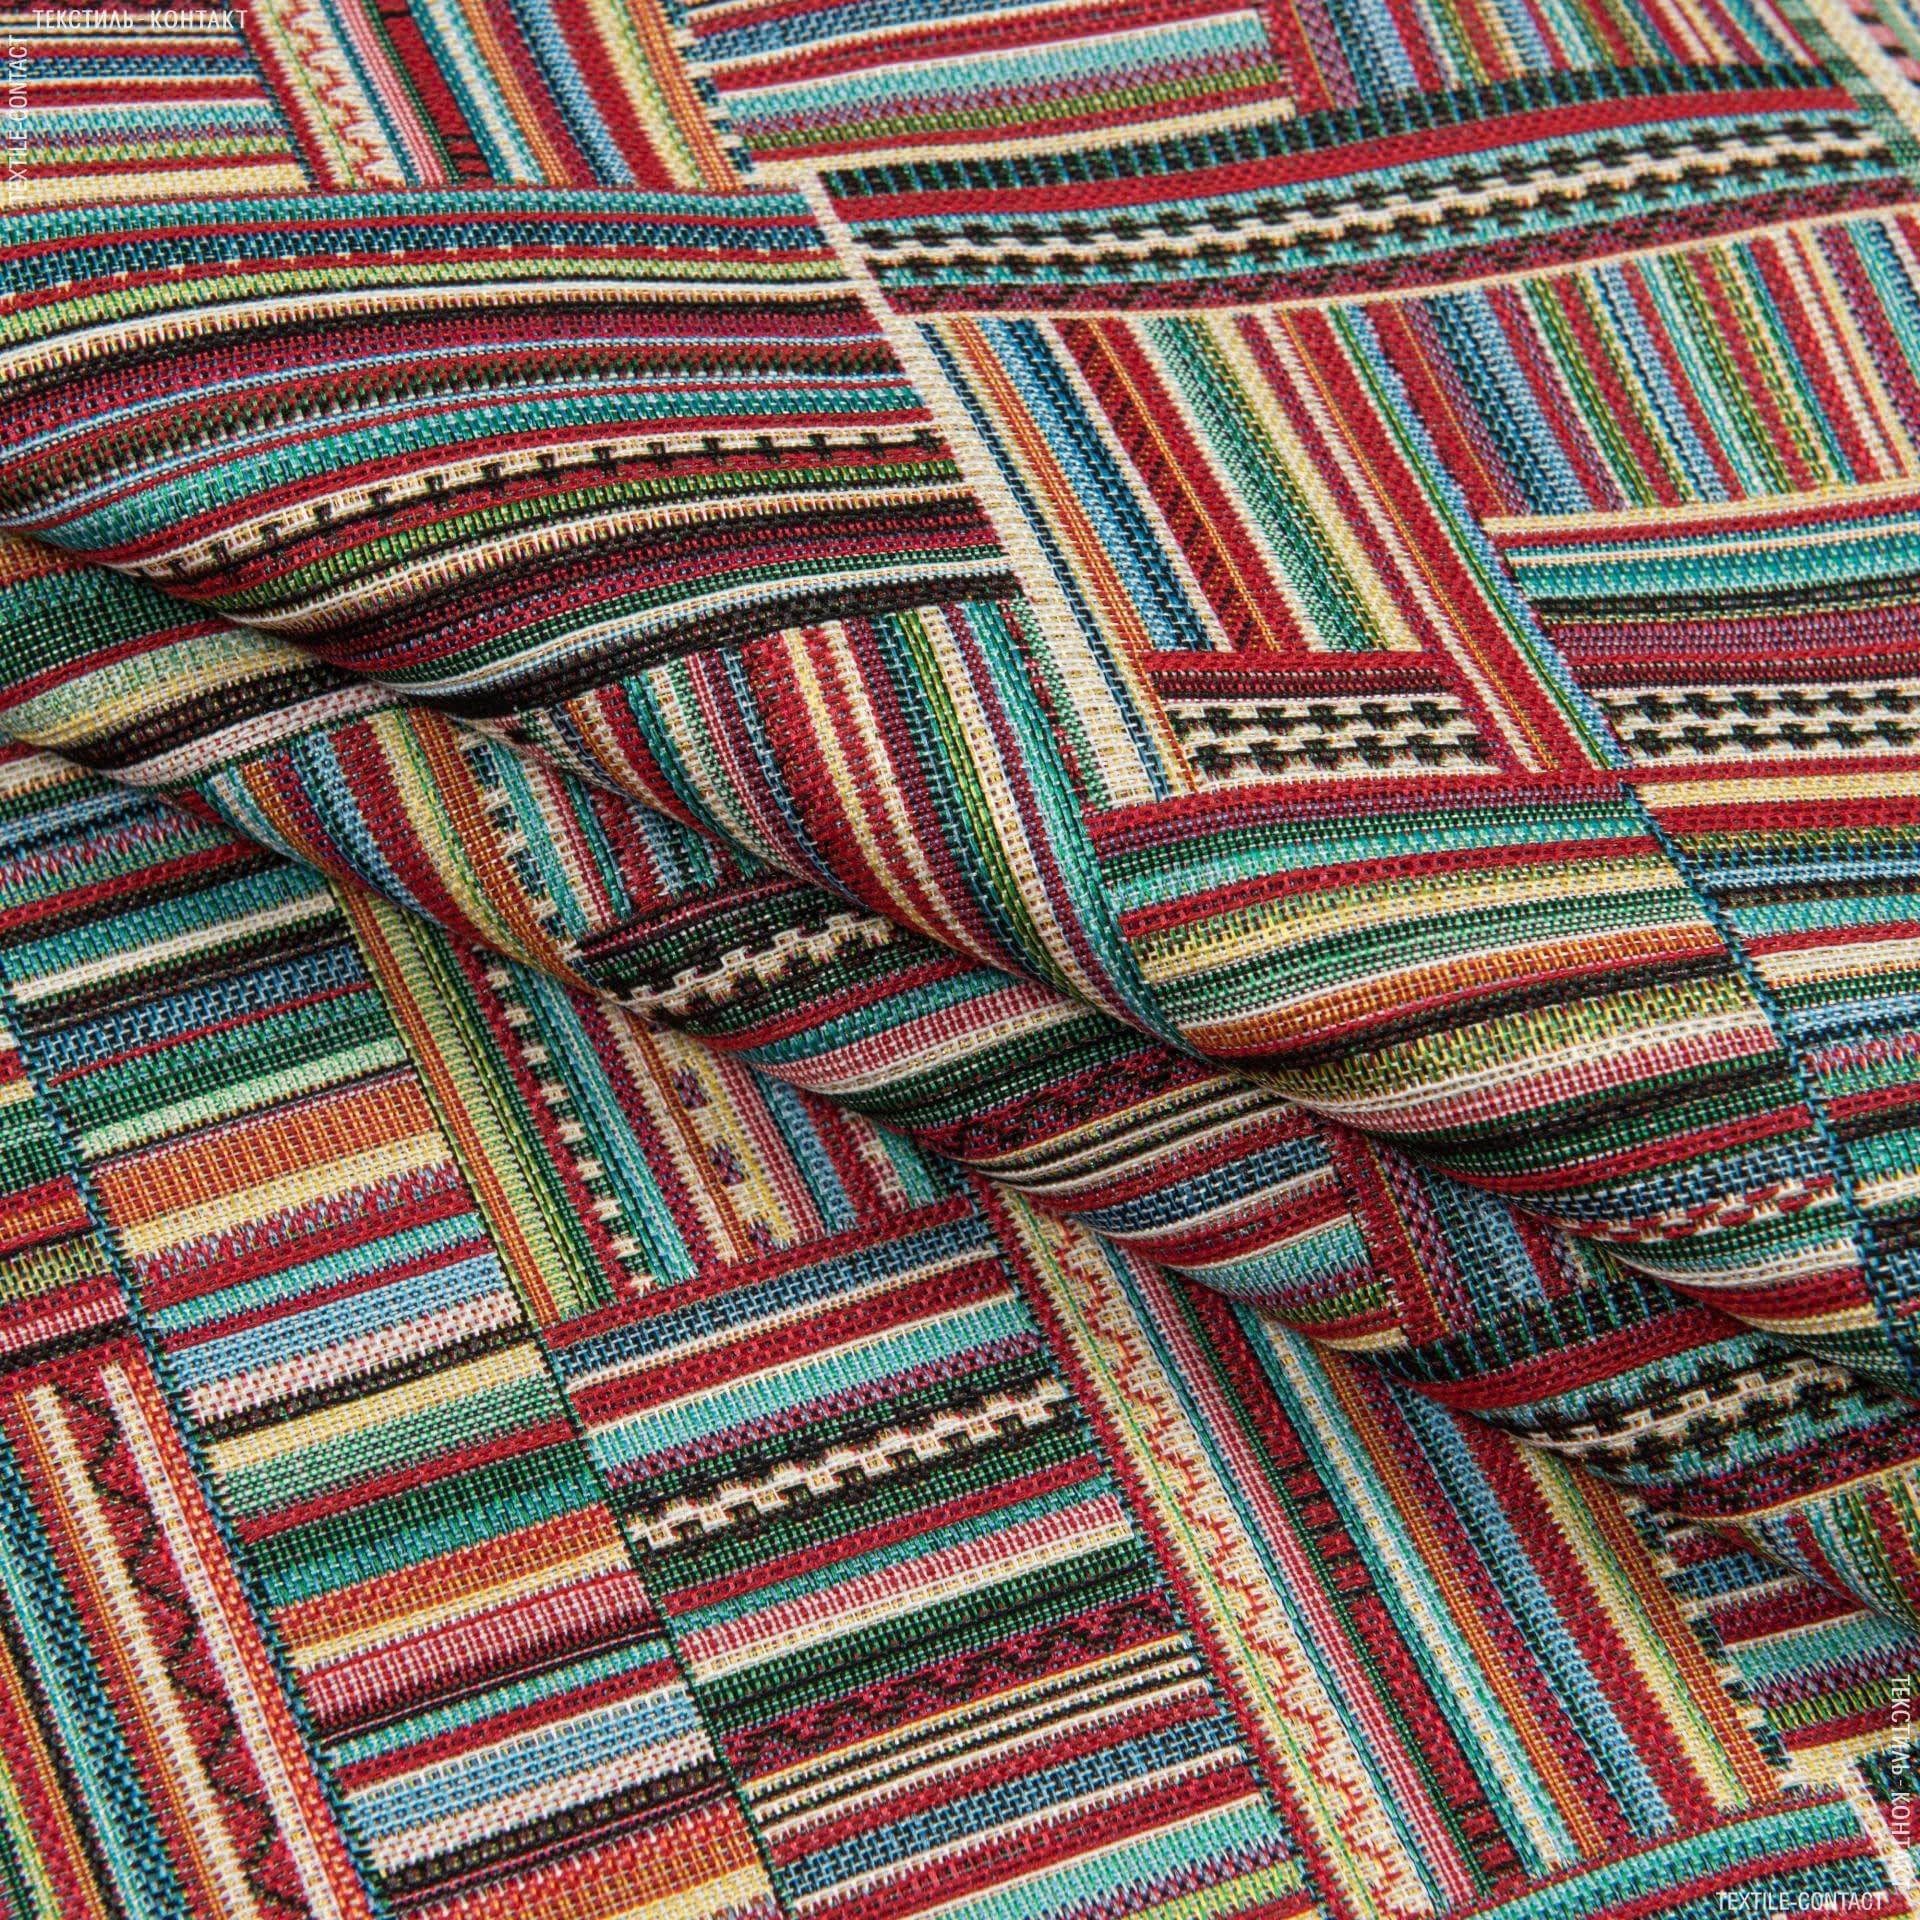 Тканини для декоративних подушок - Декор-гобелен абстракція апасол/apasol мультиколор